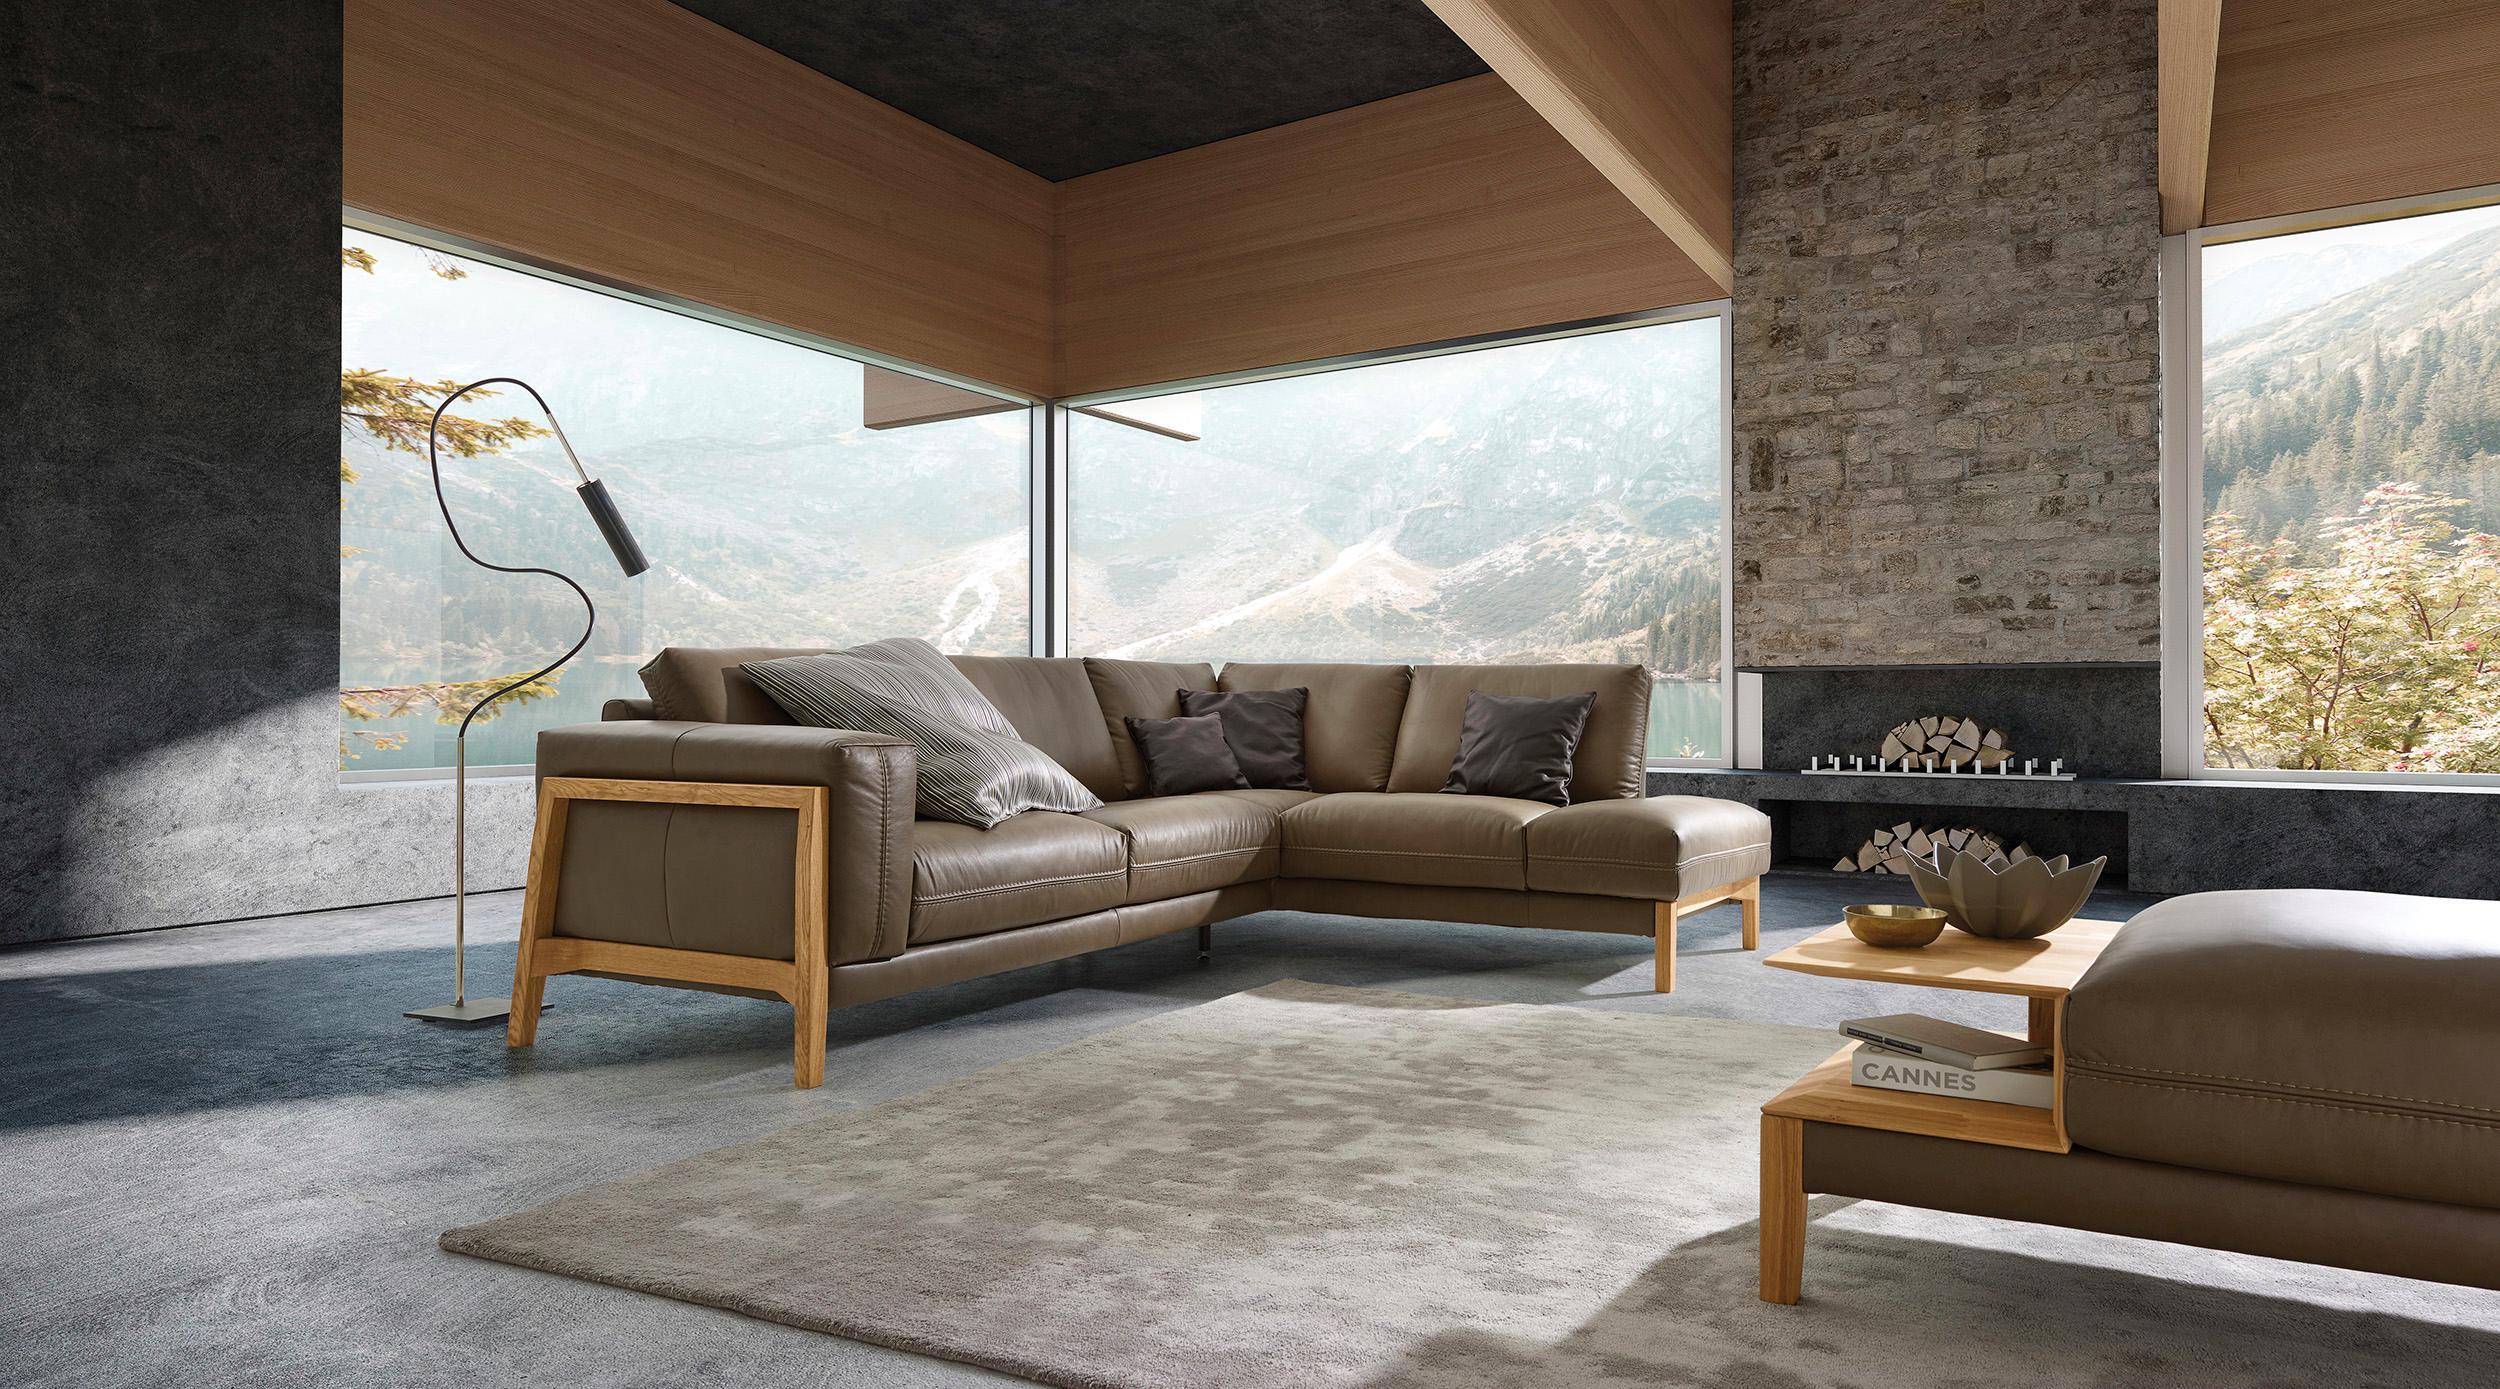 wohnzimmergestaltung bilder ideen couchstyle. Black Bedroom Furniture Sets. Home Design Ideas